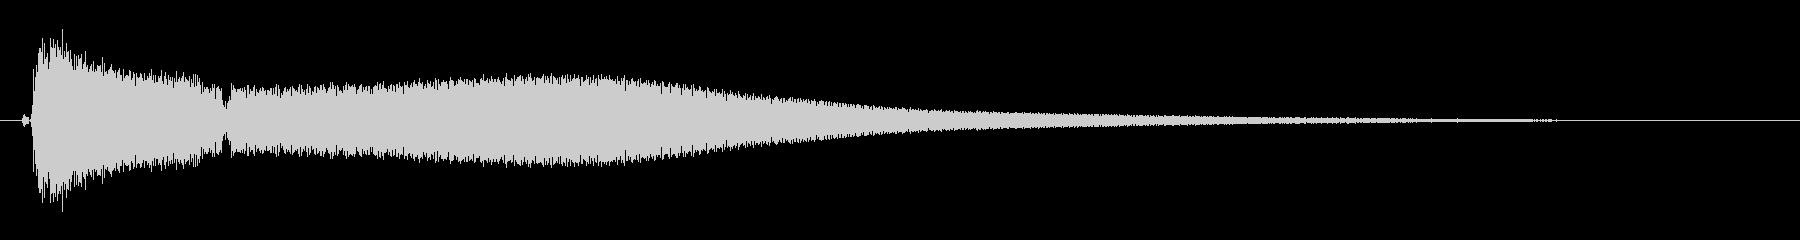 カキーン(金属系の音)の未再生の波形